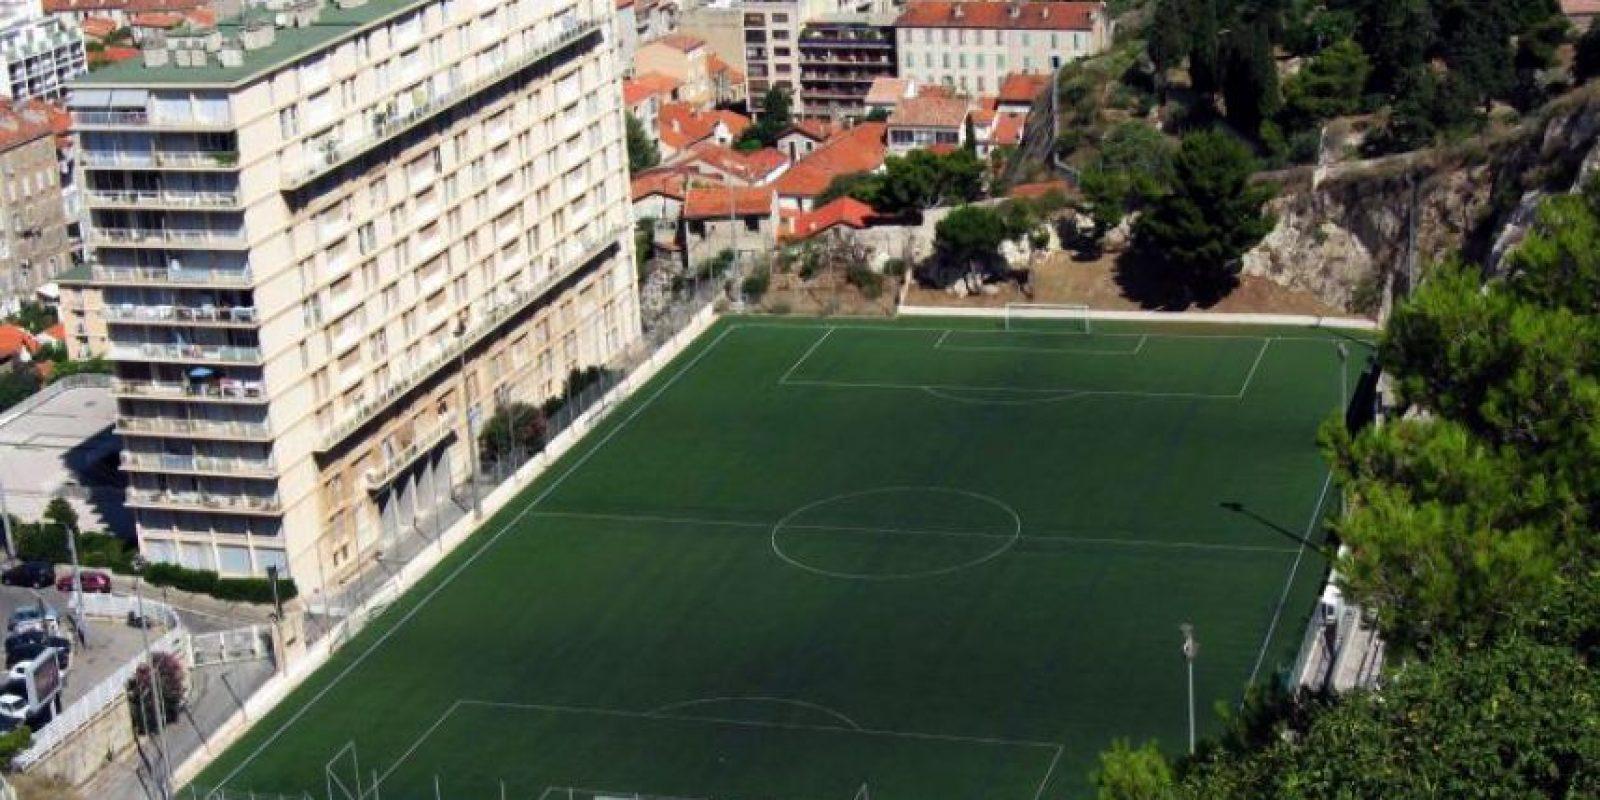 Stade Francis di Giovanni (Francia). El estadio del Unión Sportive Marsella de Francia está enclavado a un costado de un bloque de edificios, dándole una amplia sombra a un sector de la cancha. Foto:Wikimedia Commons